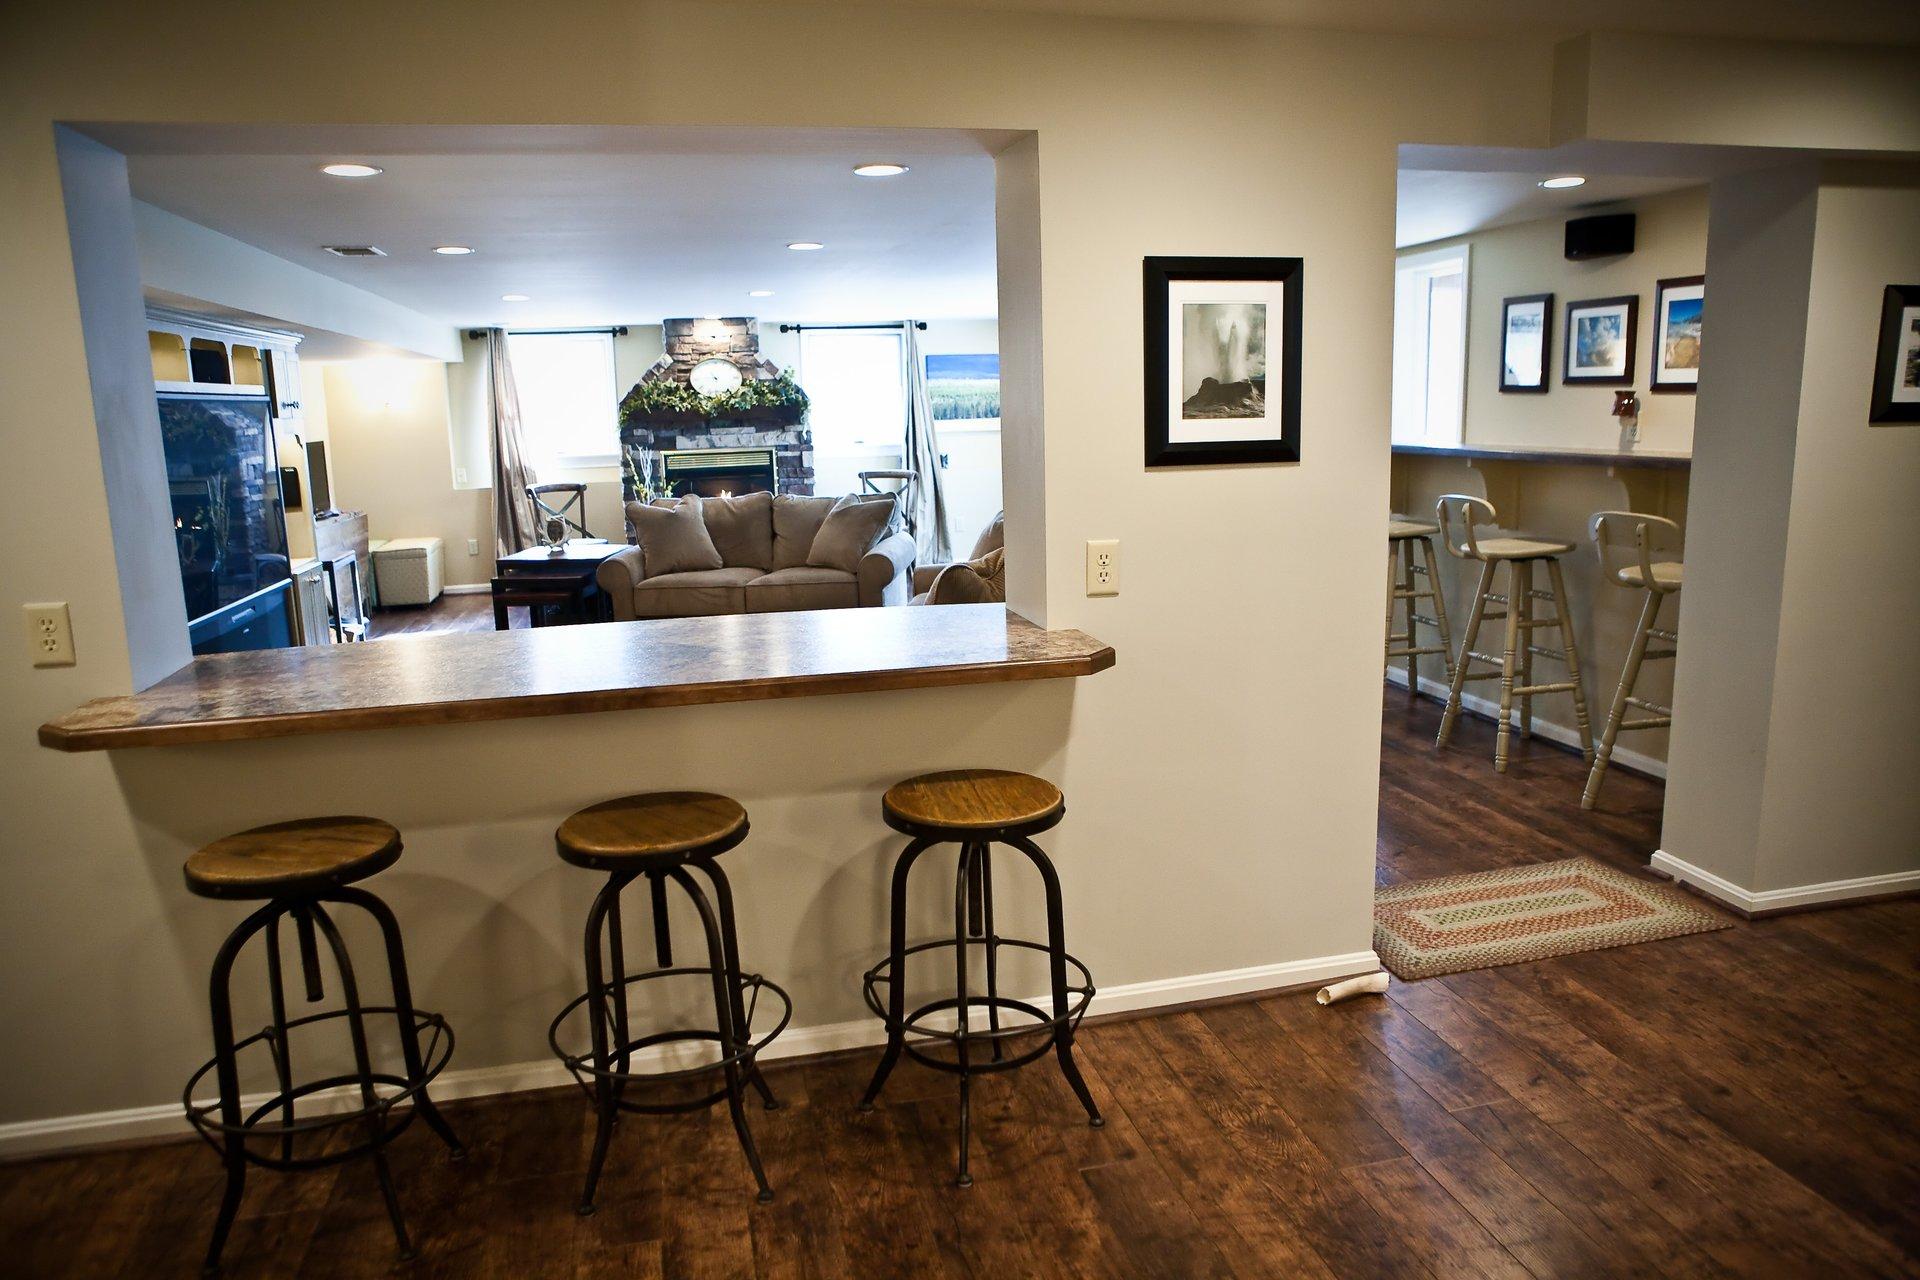 Basement Bar Remodel in Louisville KY